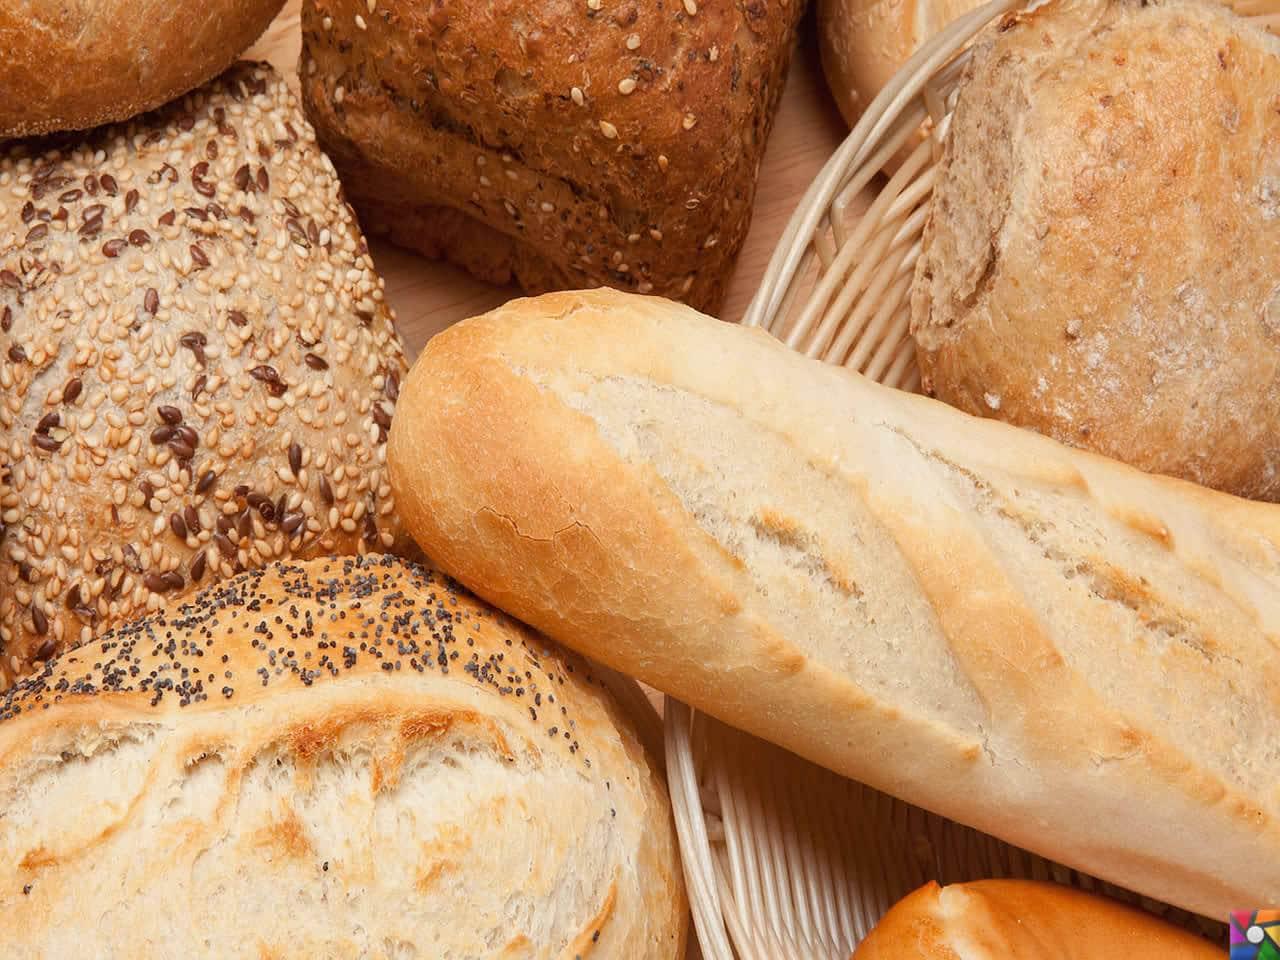 Besin Grupları Nelerdir? Besinlere göre nasıl dengeli beslenmeliyiz? | Tam tahıllı ekmekler tüketin